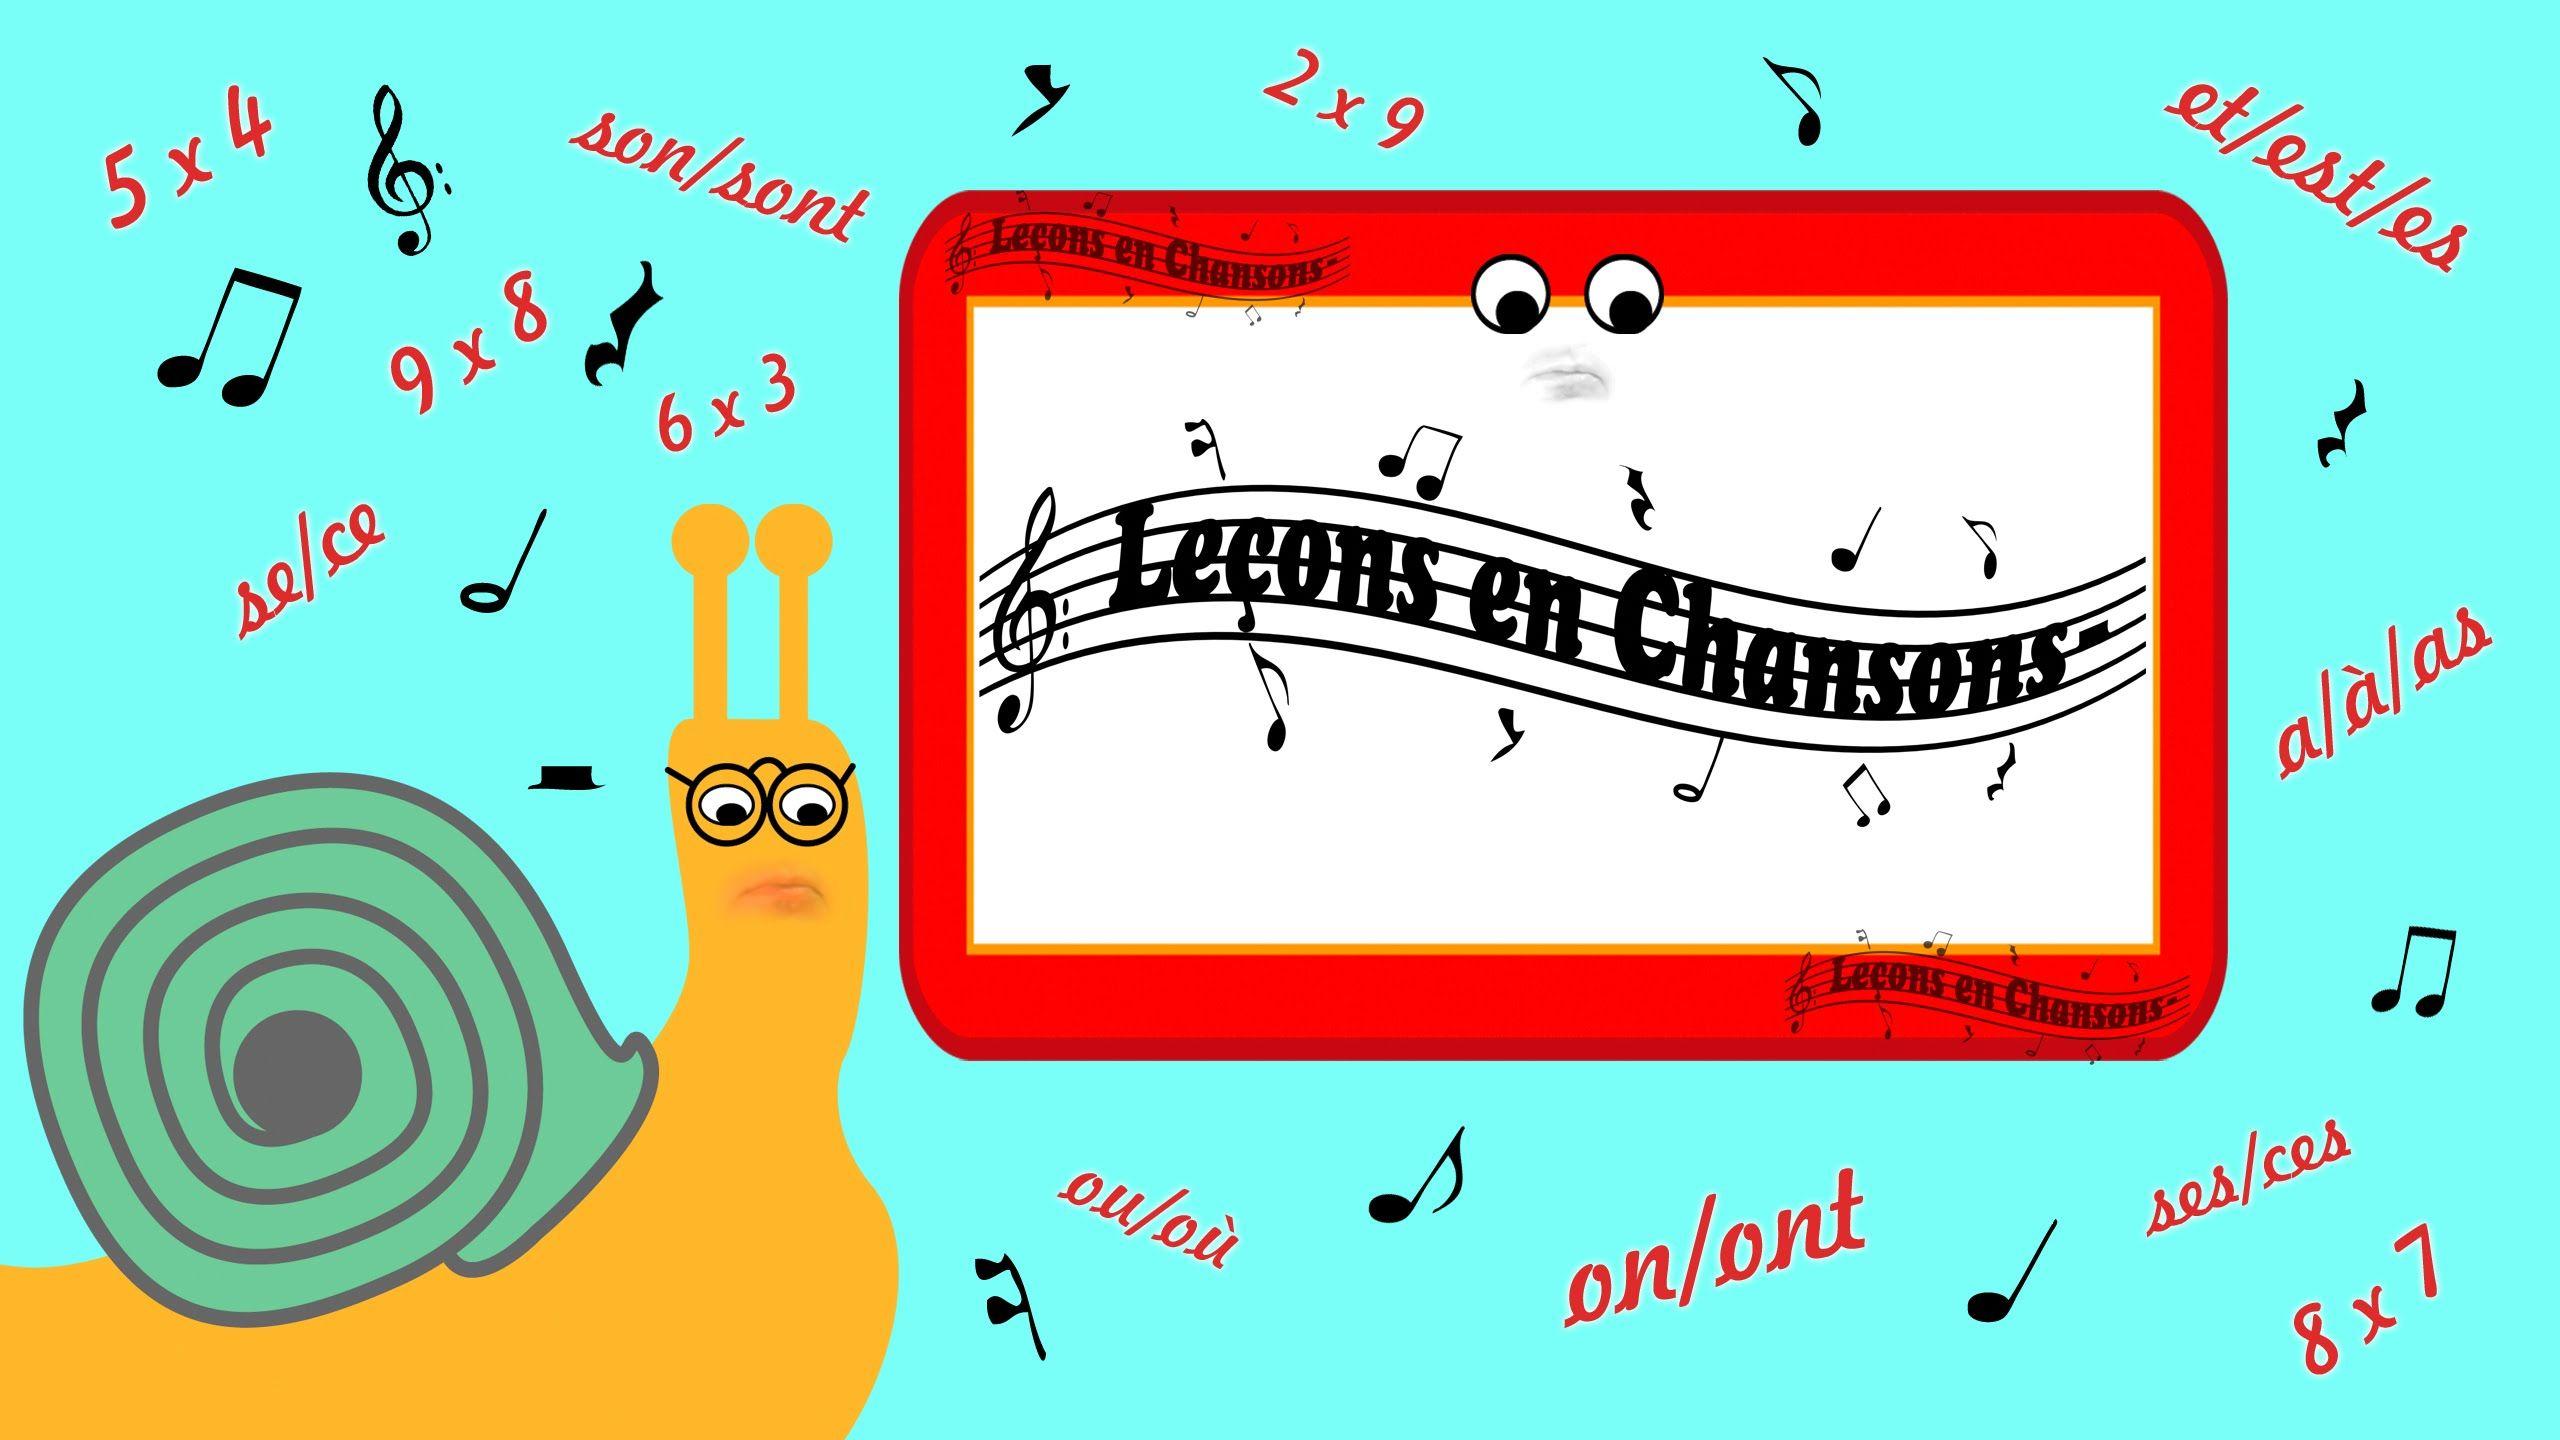 Pingl par ludo sur le ons en chansons le on chanson et table de 7 - Chanson table de multiplication ...